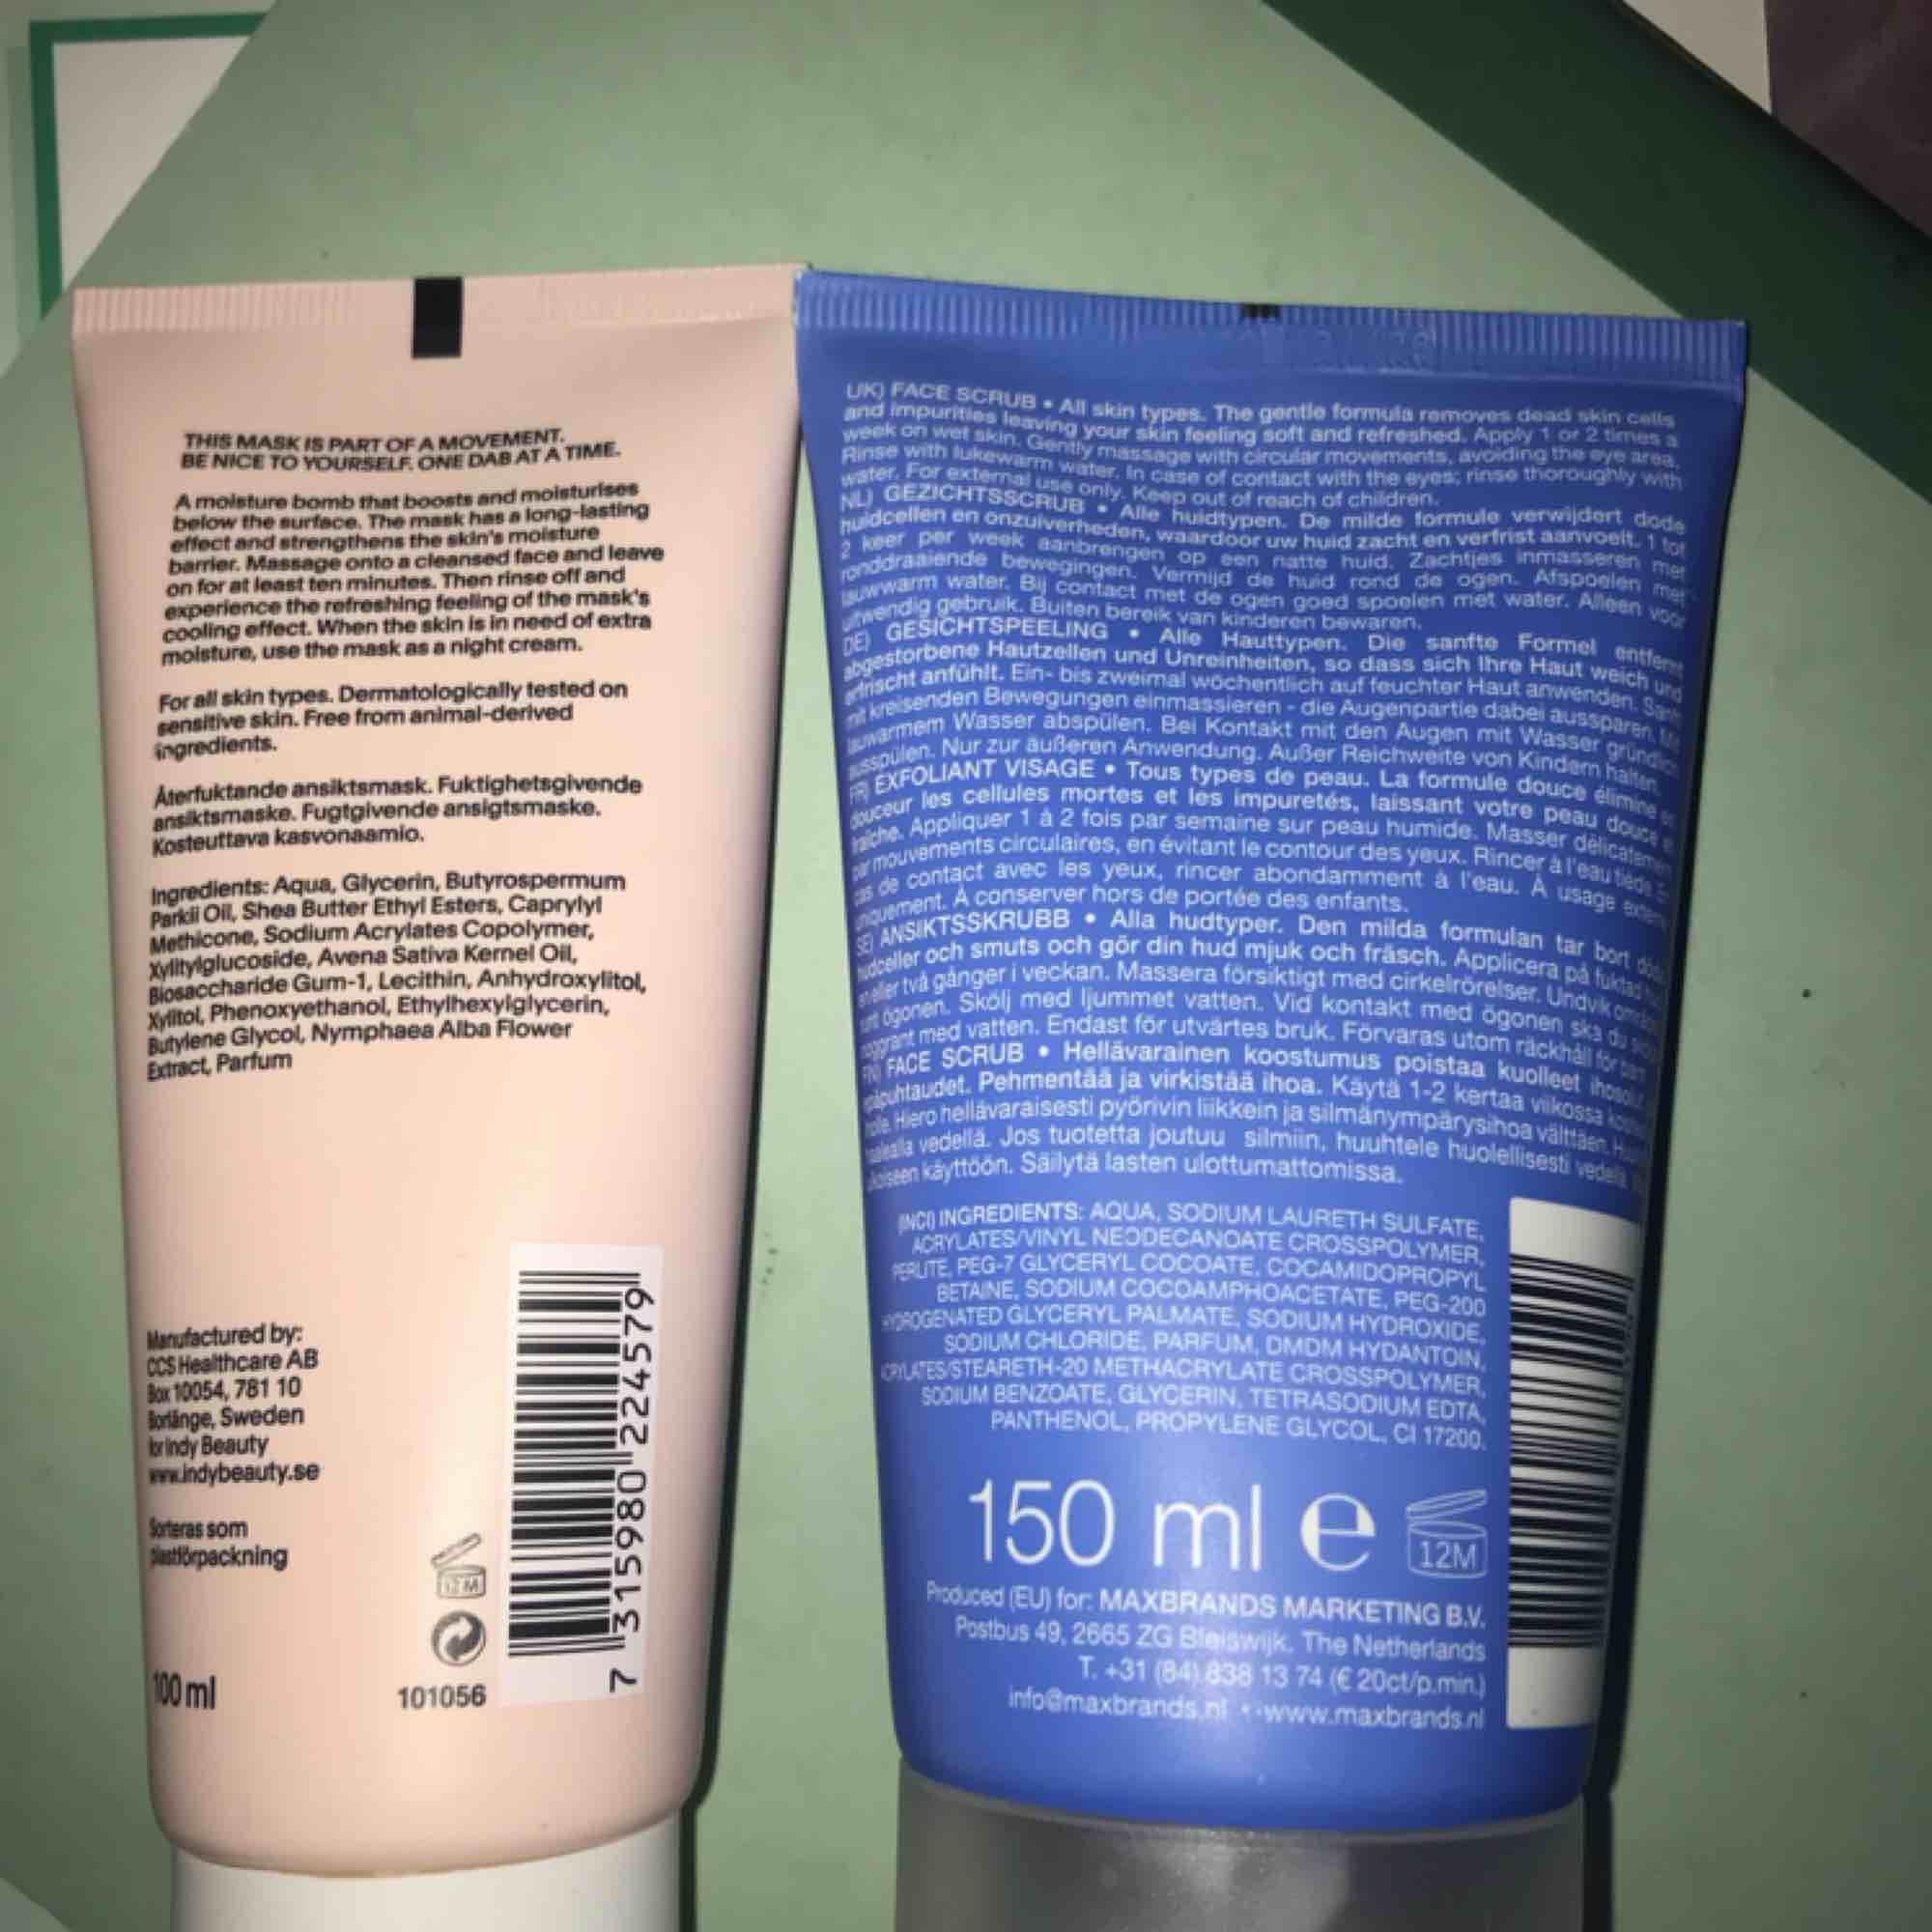 Säljer en ansiktsmask från indy beauty (Therese Lindgrens hudvårdsmärke)  Oanvänd, den är inte ens öppnad:) 50kr  Säljer även en ansiktsskrubb, också oanvänd! 20kr. Accessoarer.